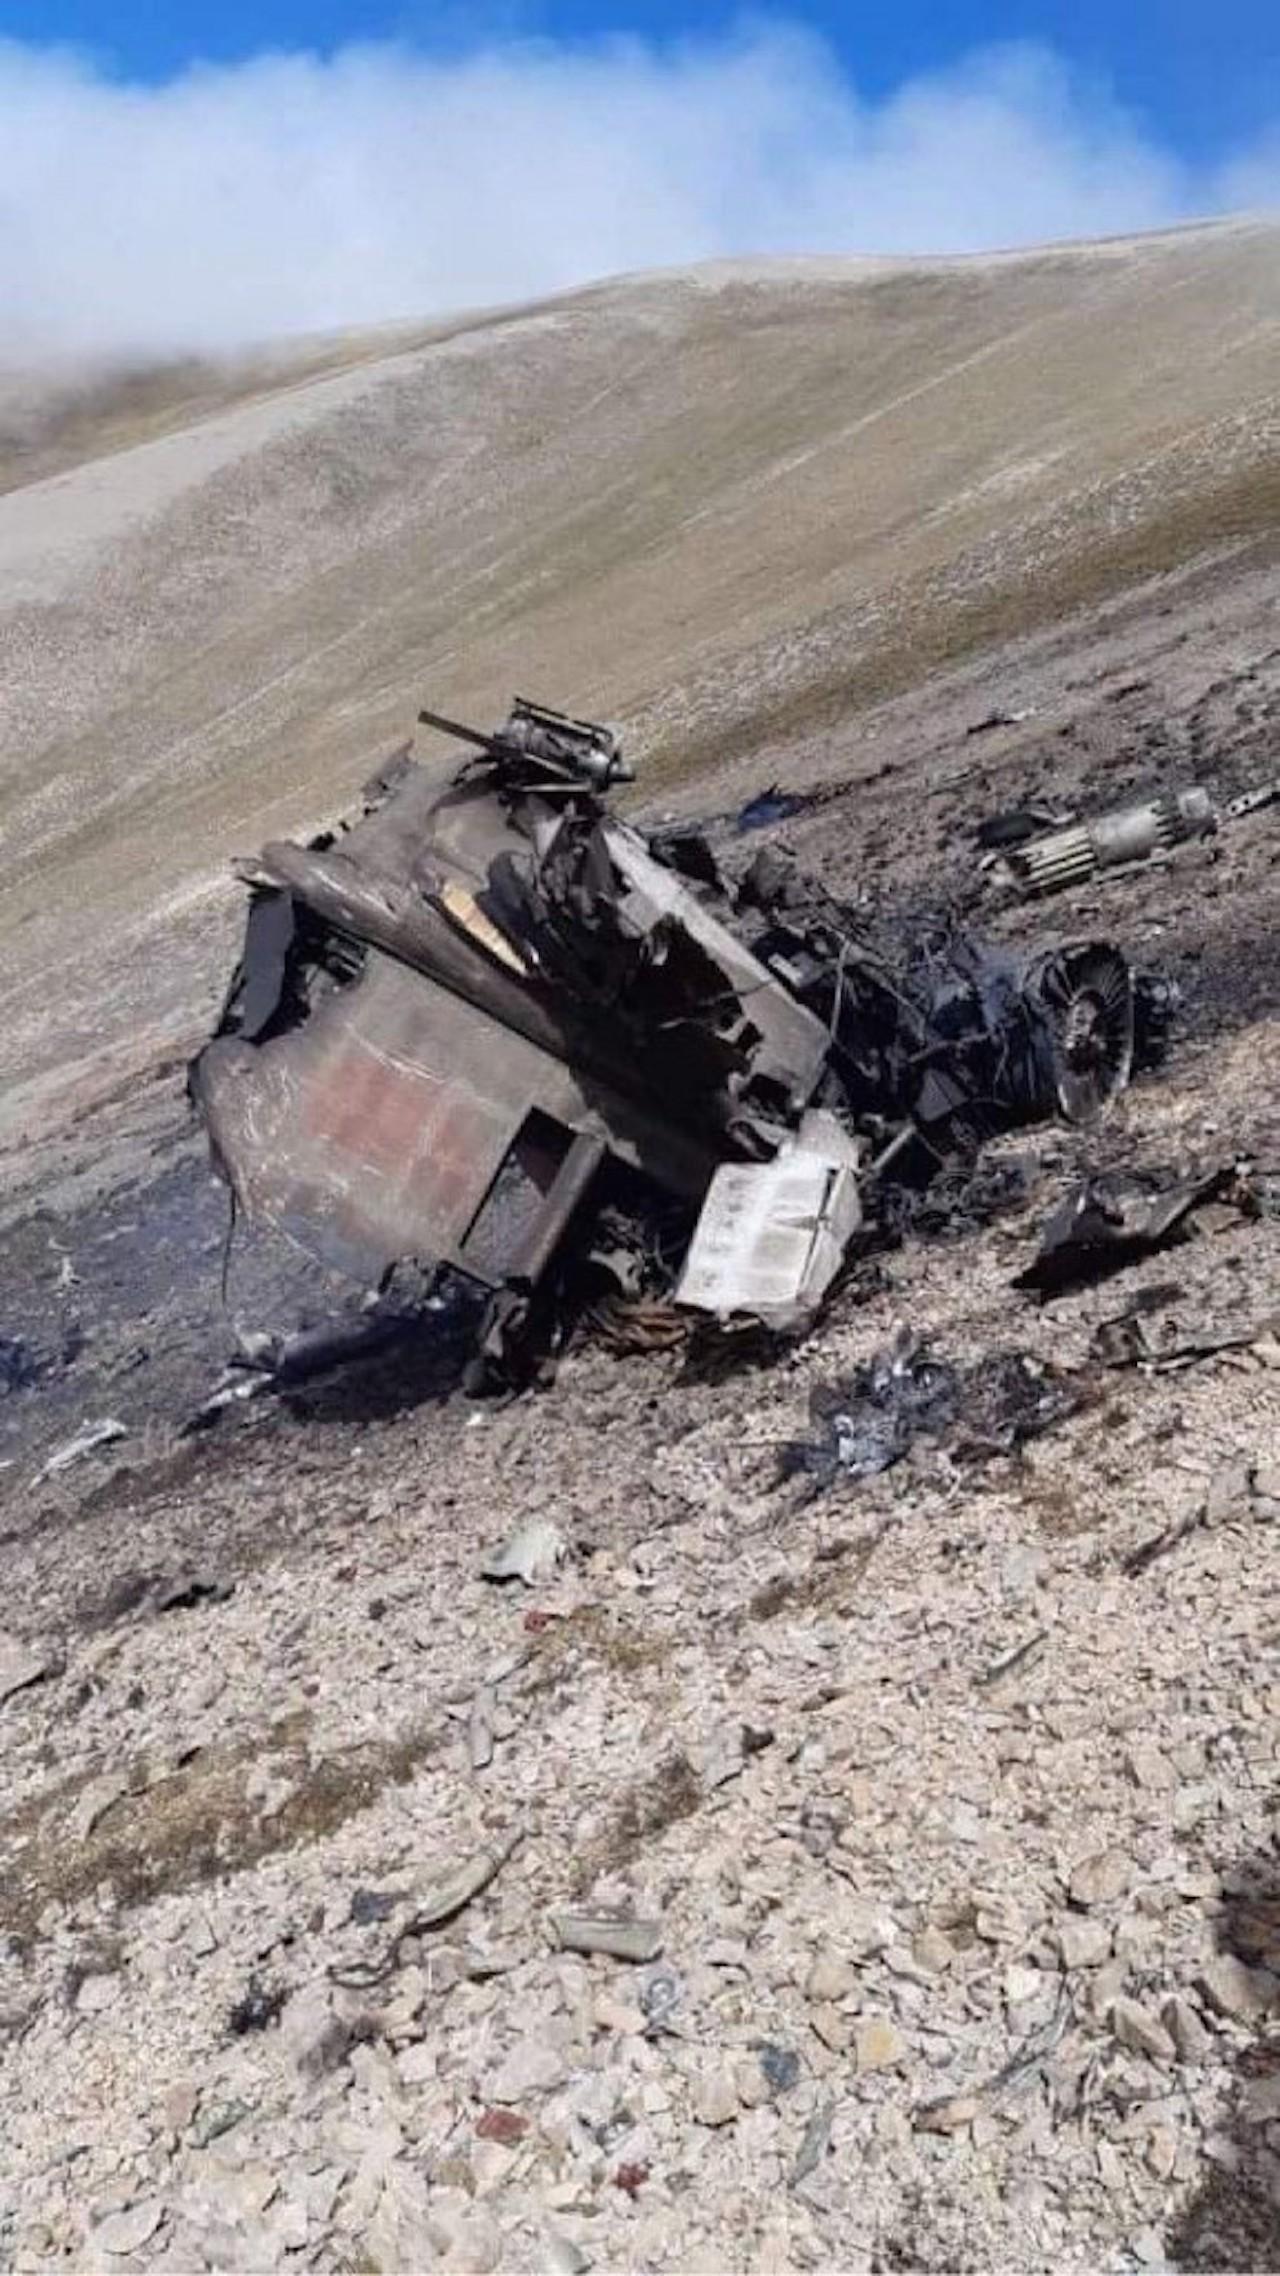 ภาพที่ฝ่ายอาร์เมเนียอ้างว่า เป็นซากเครื่องบินรบ ซู-25 ที่ถูก เอฟ-16 ของตุรกียิงตกเมื่อวันอังคาร